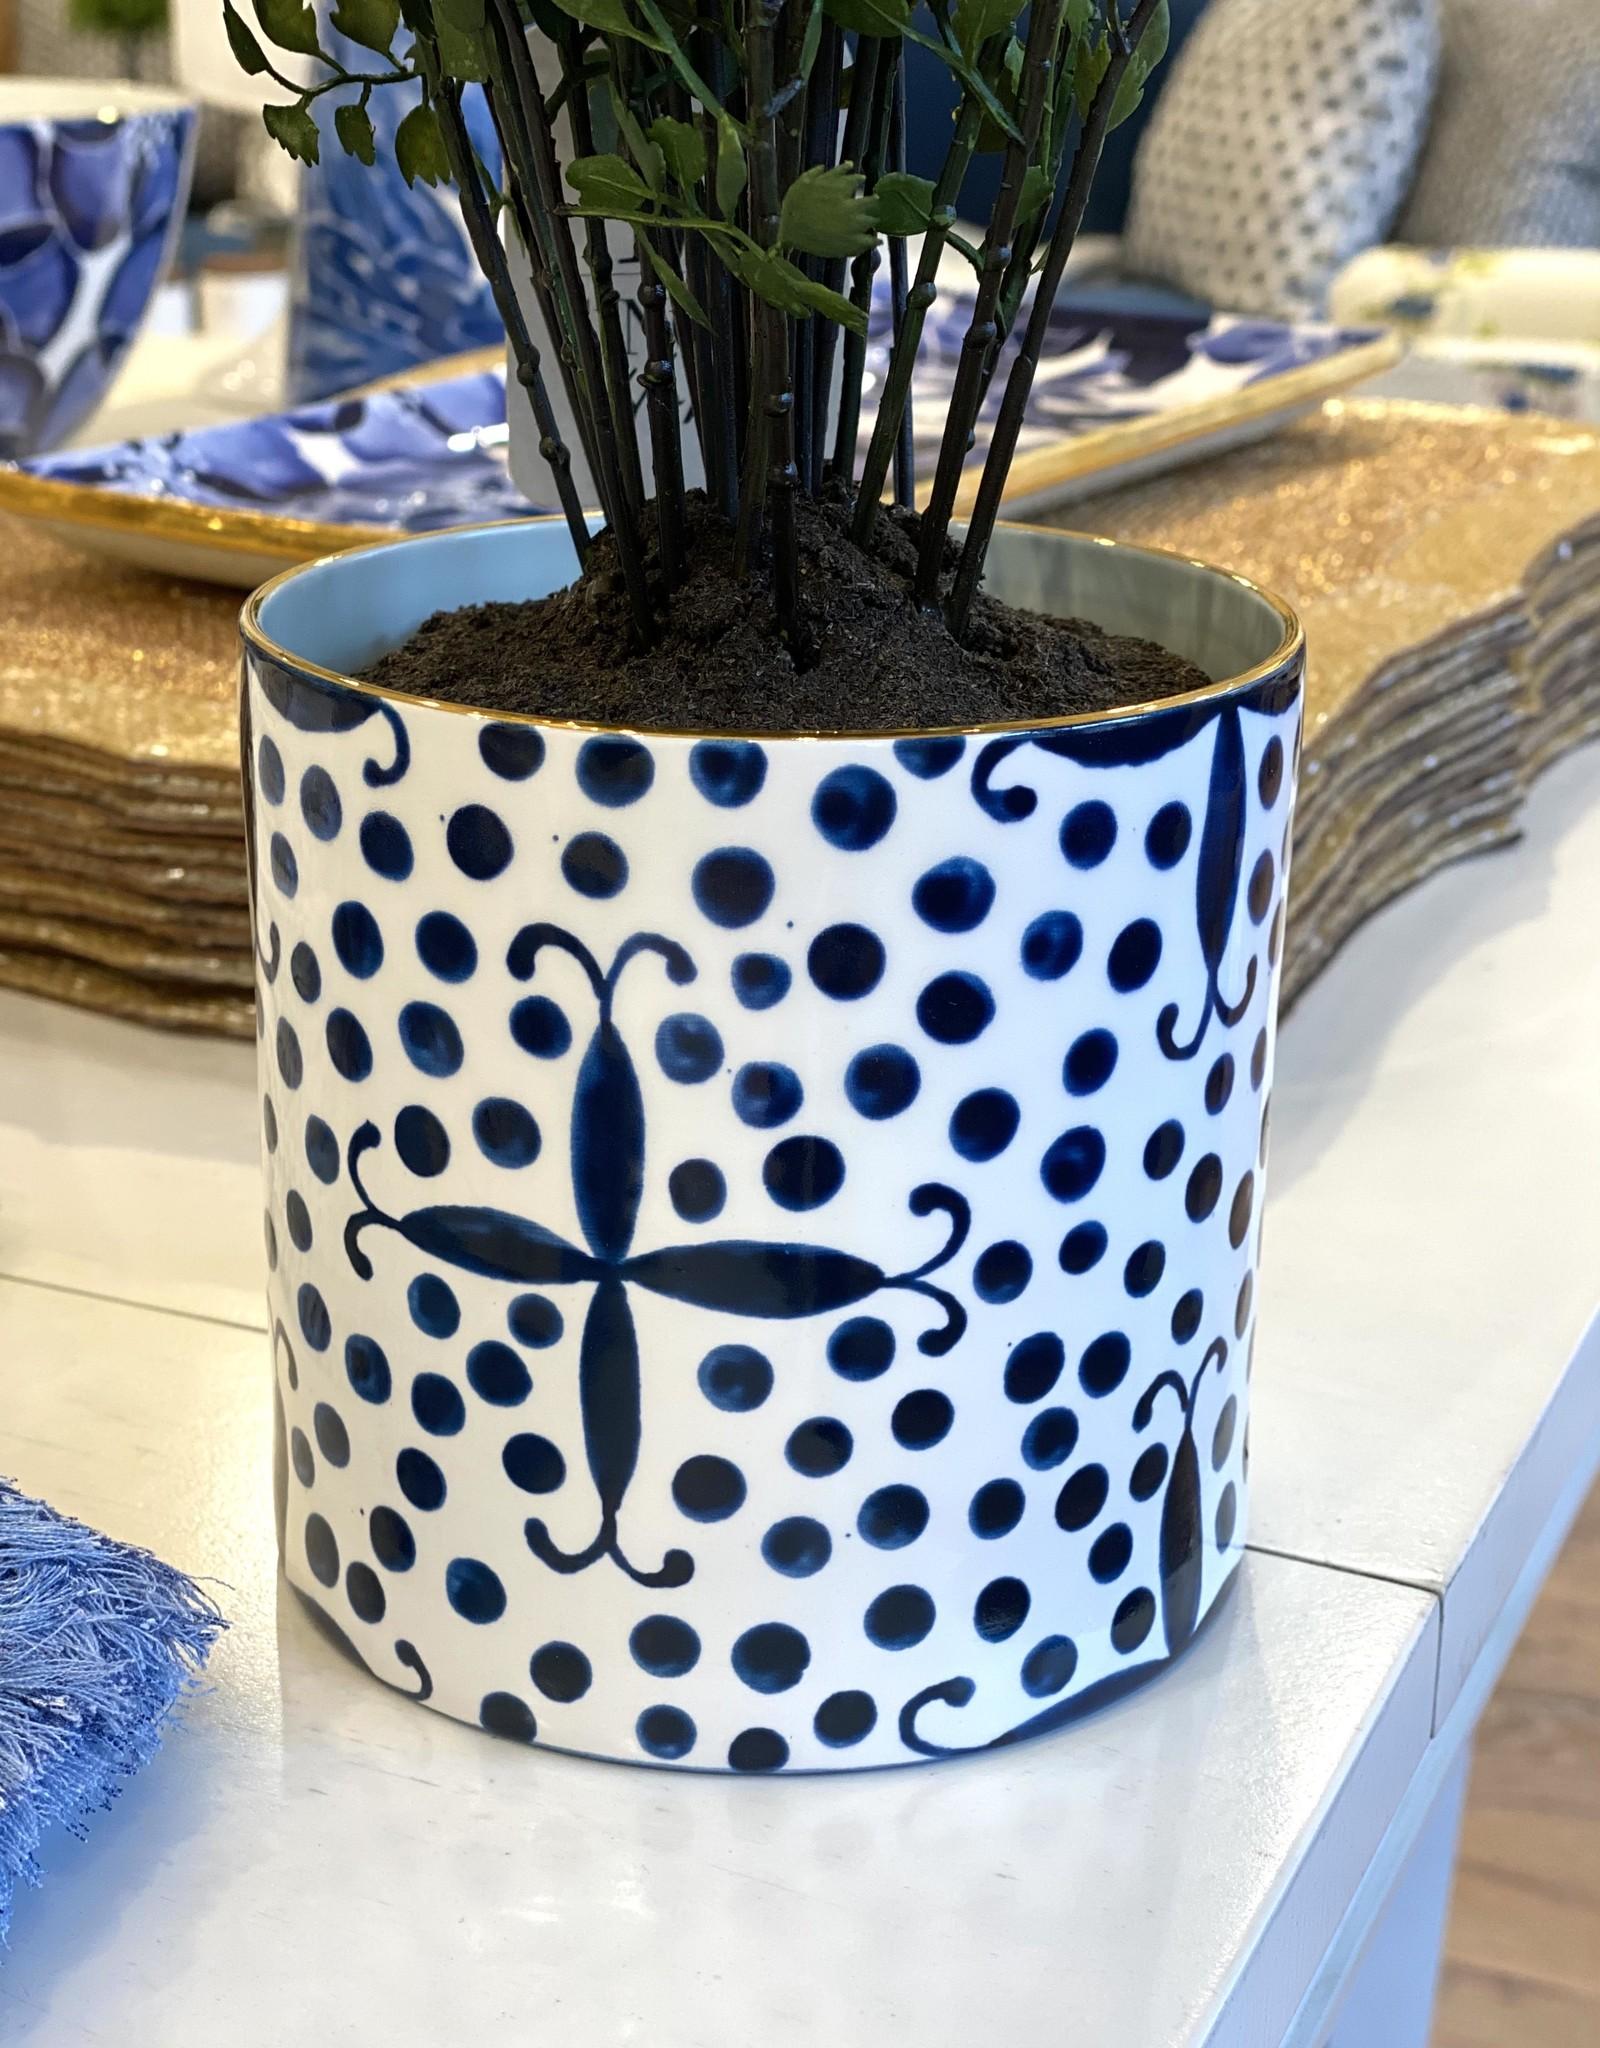 Jill Rosenwald Orchid Vase - Kooky Dot/Prussian